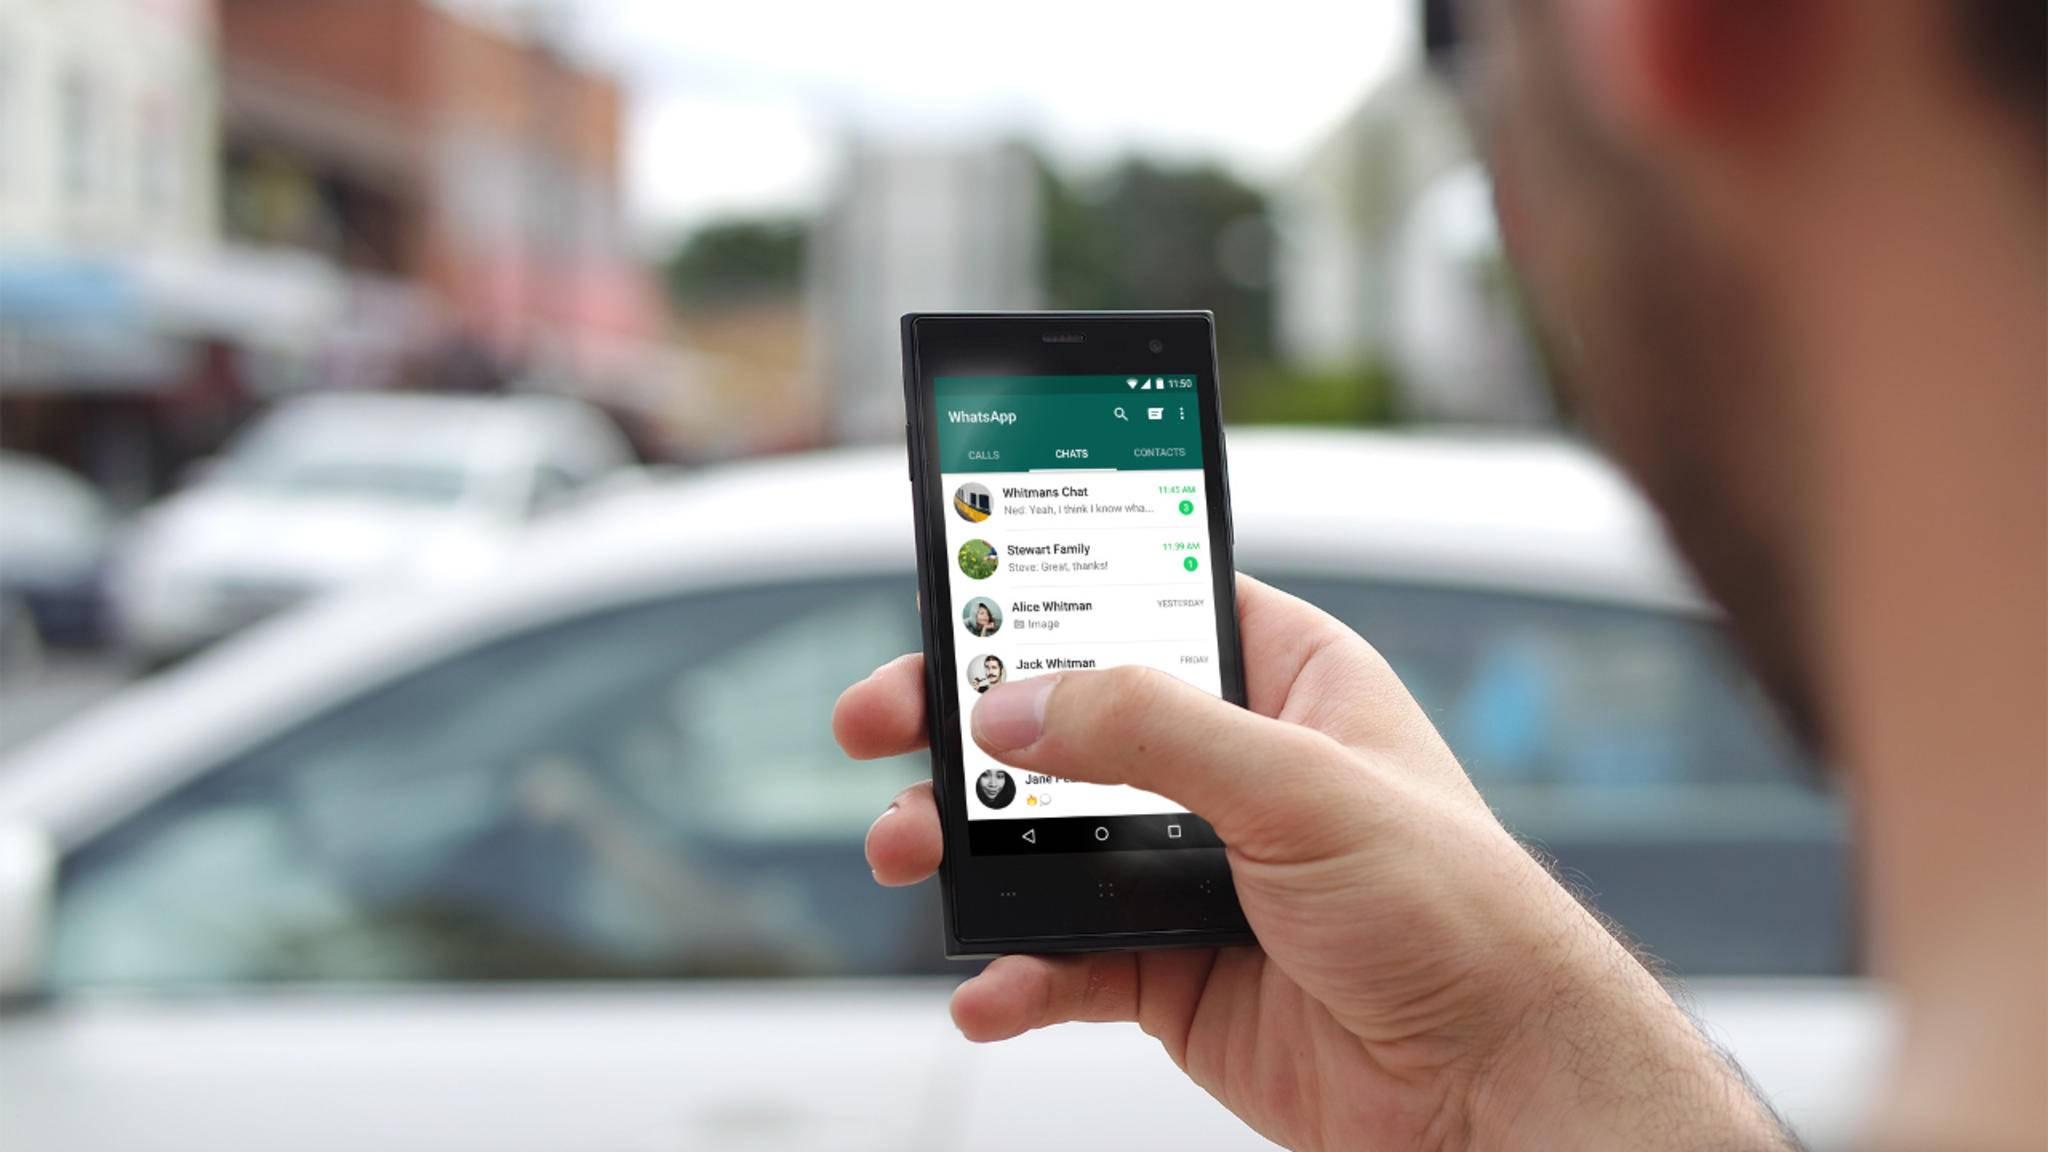 WhatsApp-Nachrichten können an andere Kontakte weitergeleitet werden.